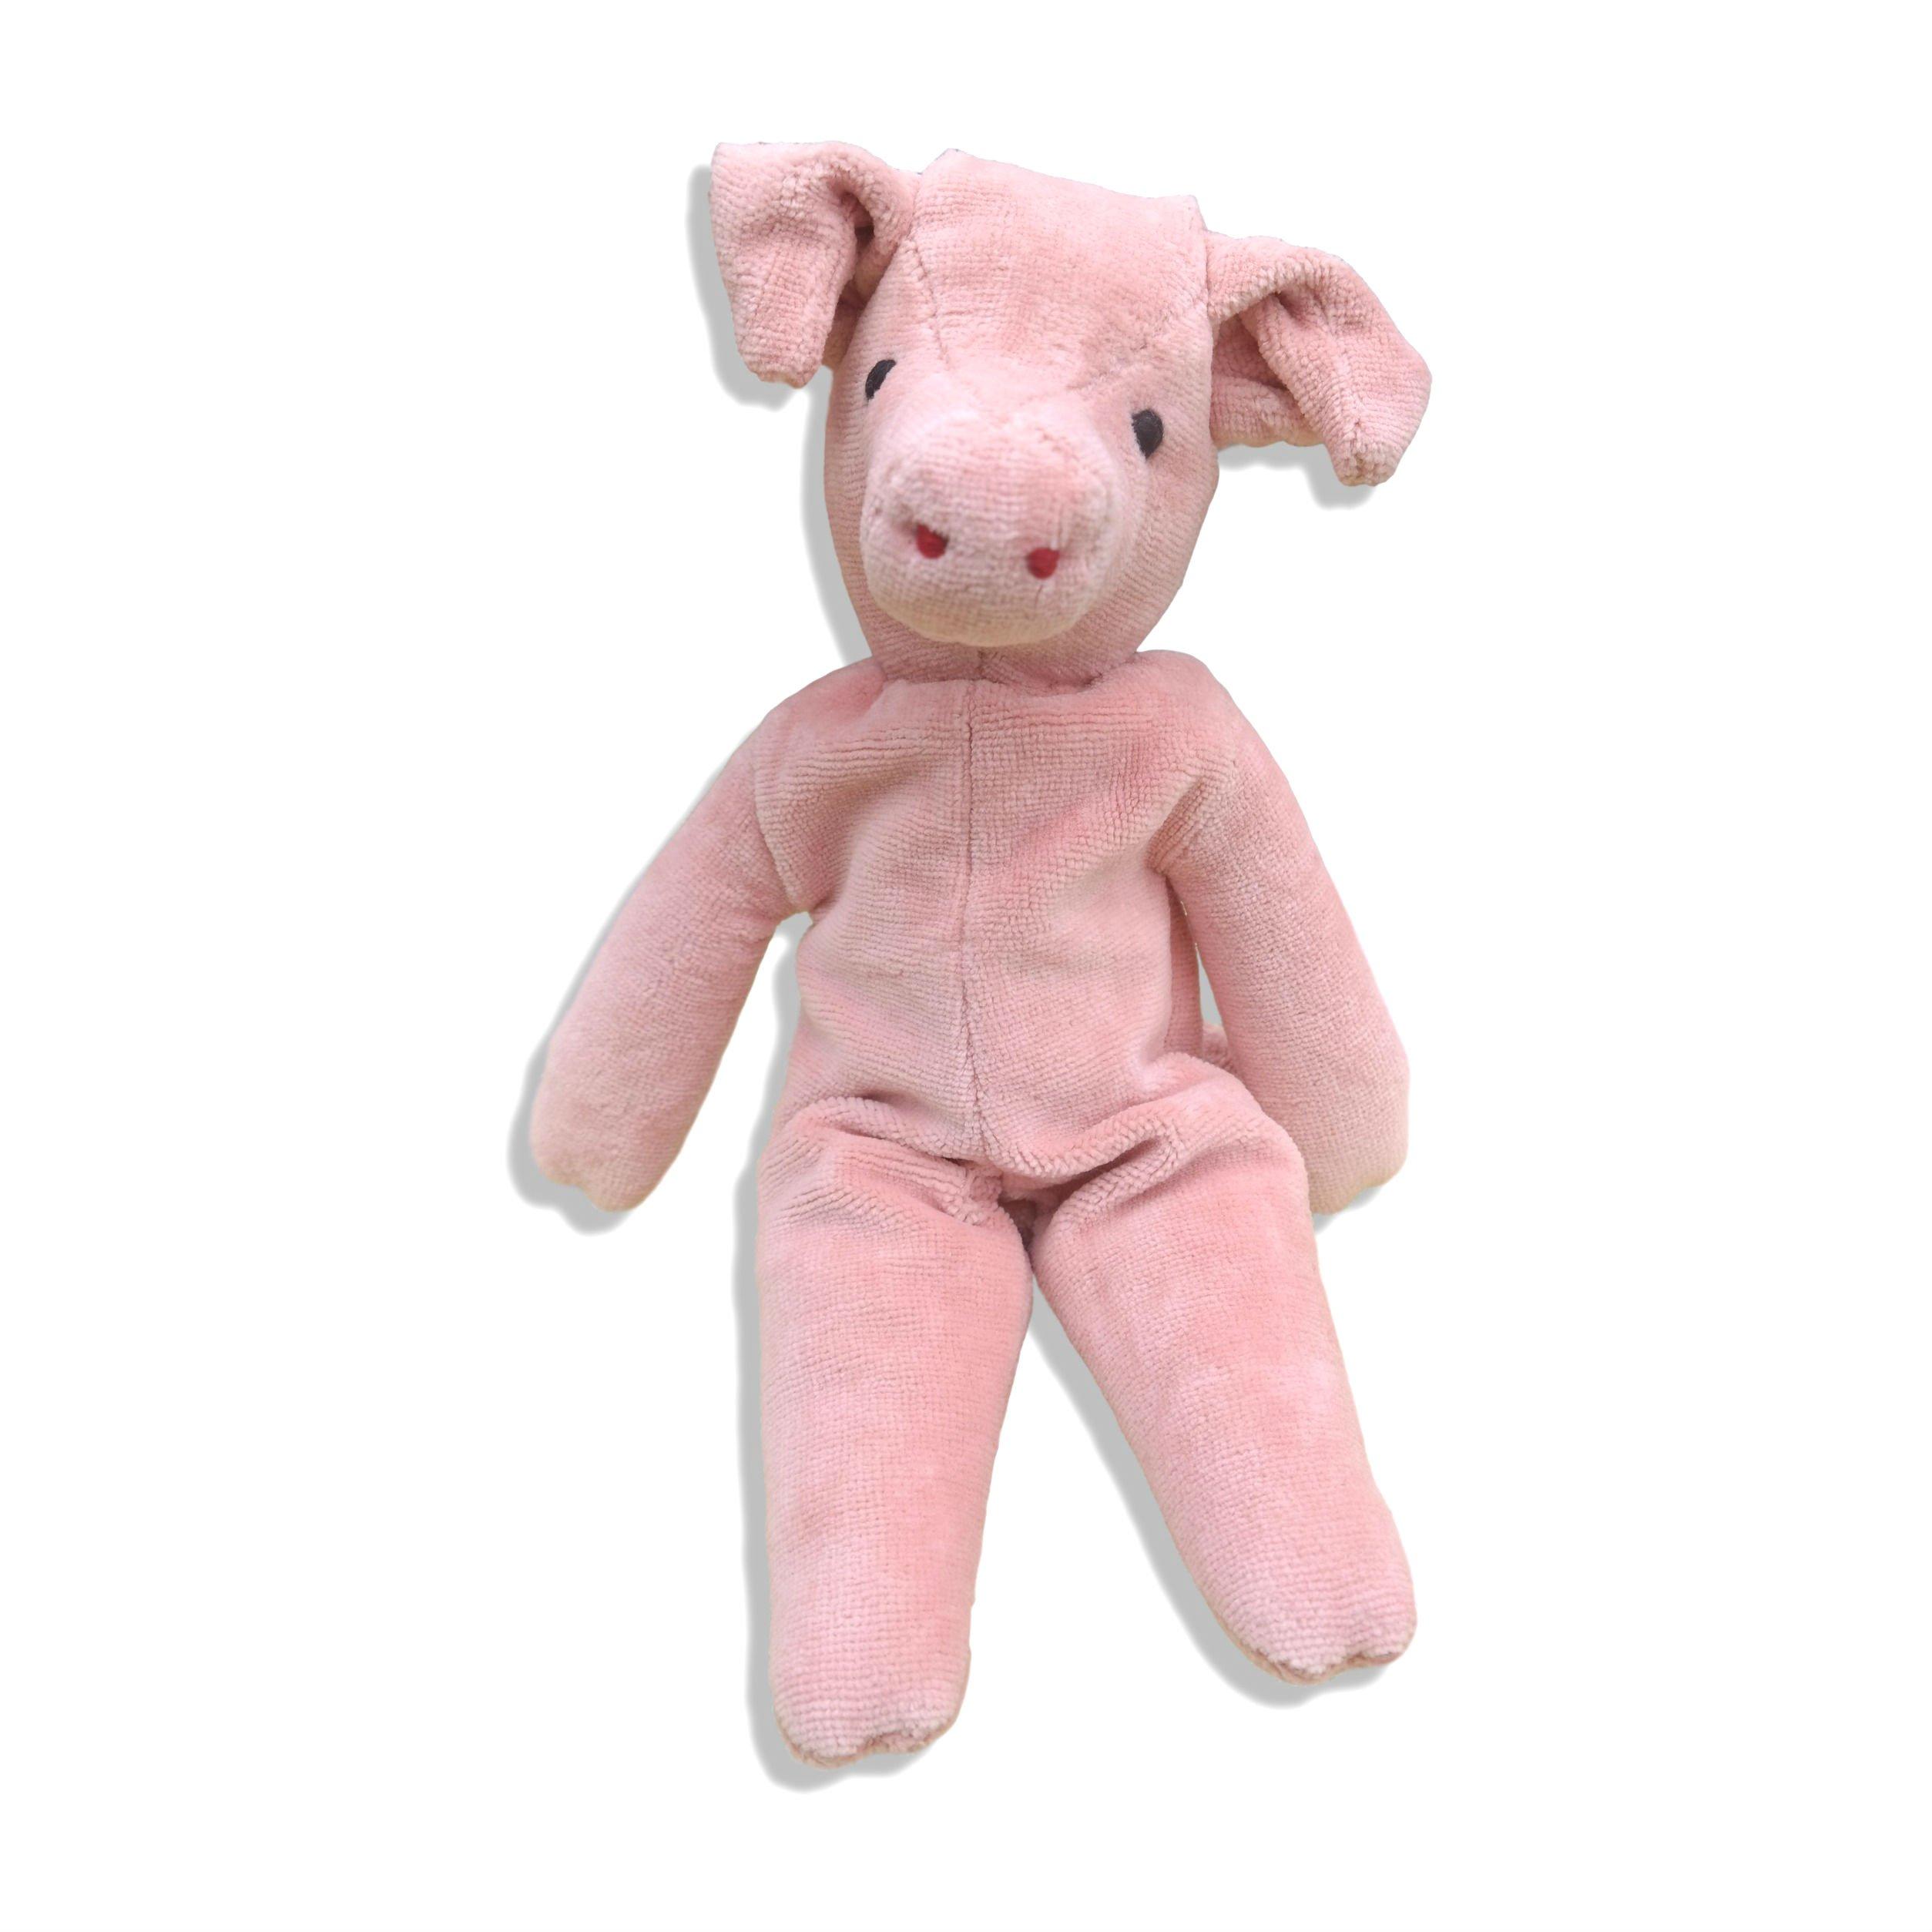 Senger Stuffed Animals - Organic Cotton Pig 12'' Tall by Senger Tierpuppen